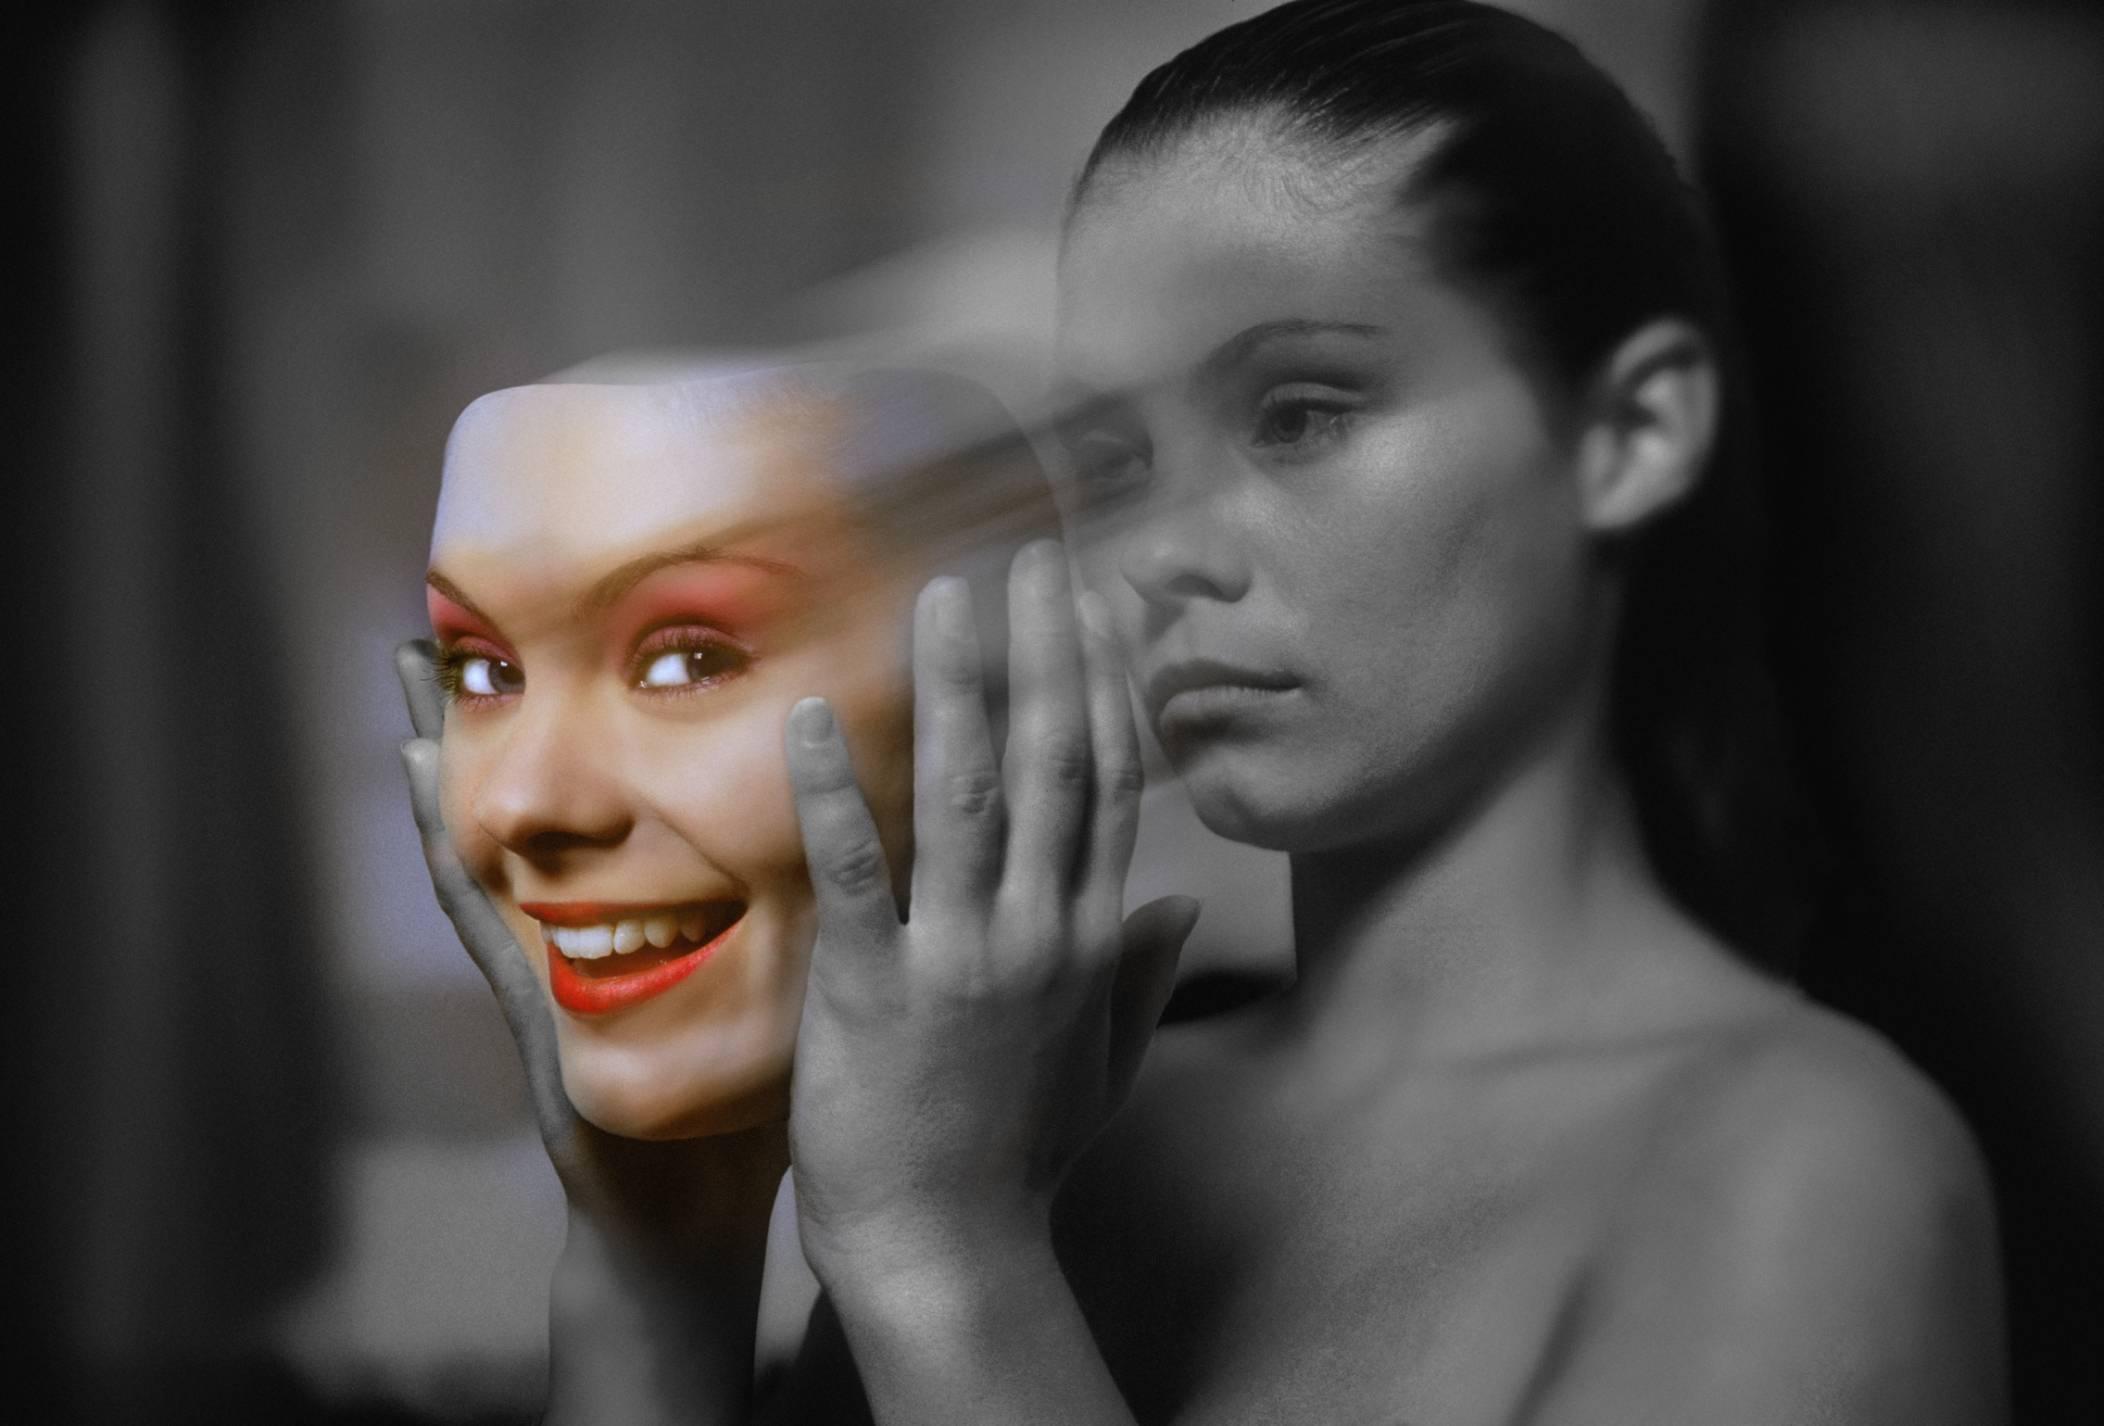 Людям с каждым днем все сложнее примерять на себя маску, навязанную информационным пространством. Фото: vdvgazeta.ru